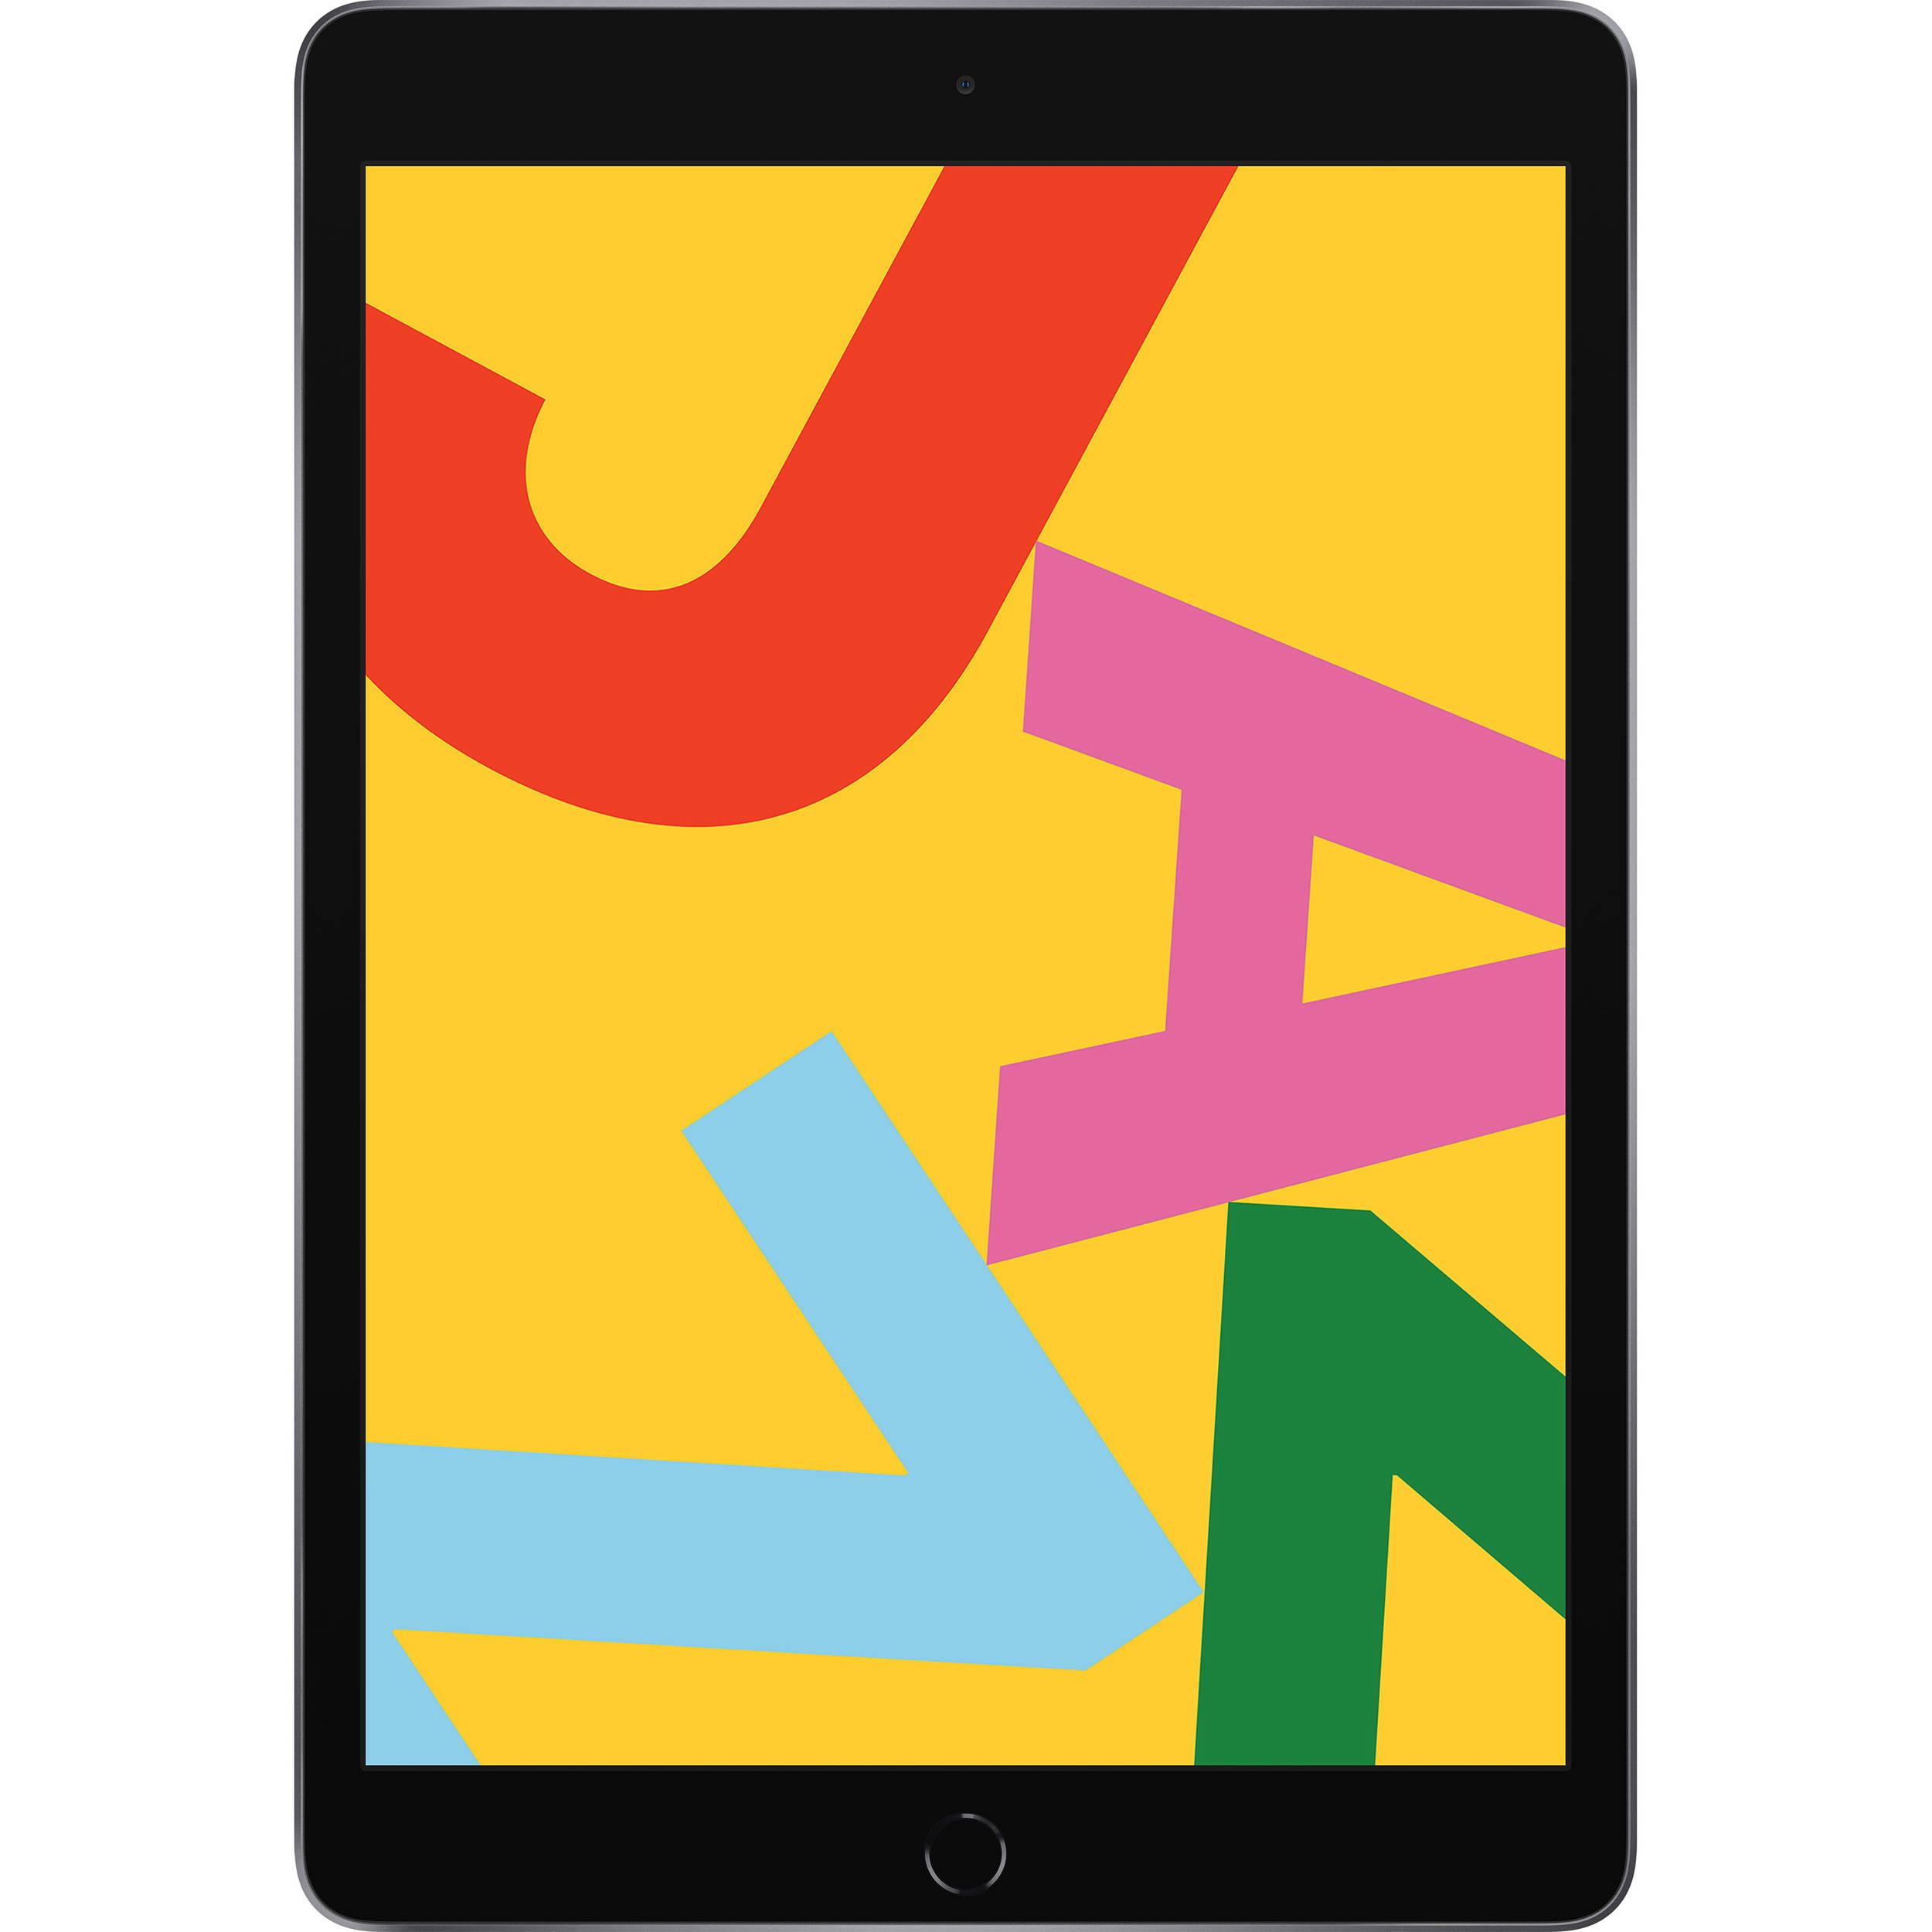 تبلت اپل مدل iPad 10.2 inch 2019 WiFi ظرفیت 32 گیگابایت